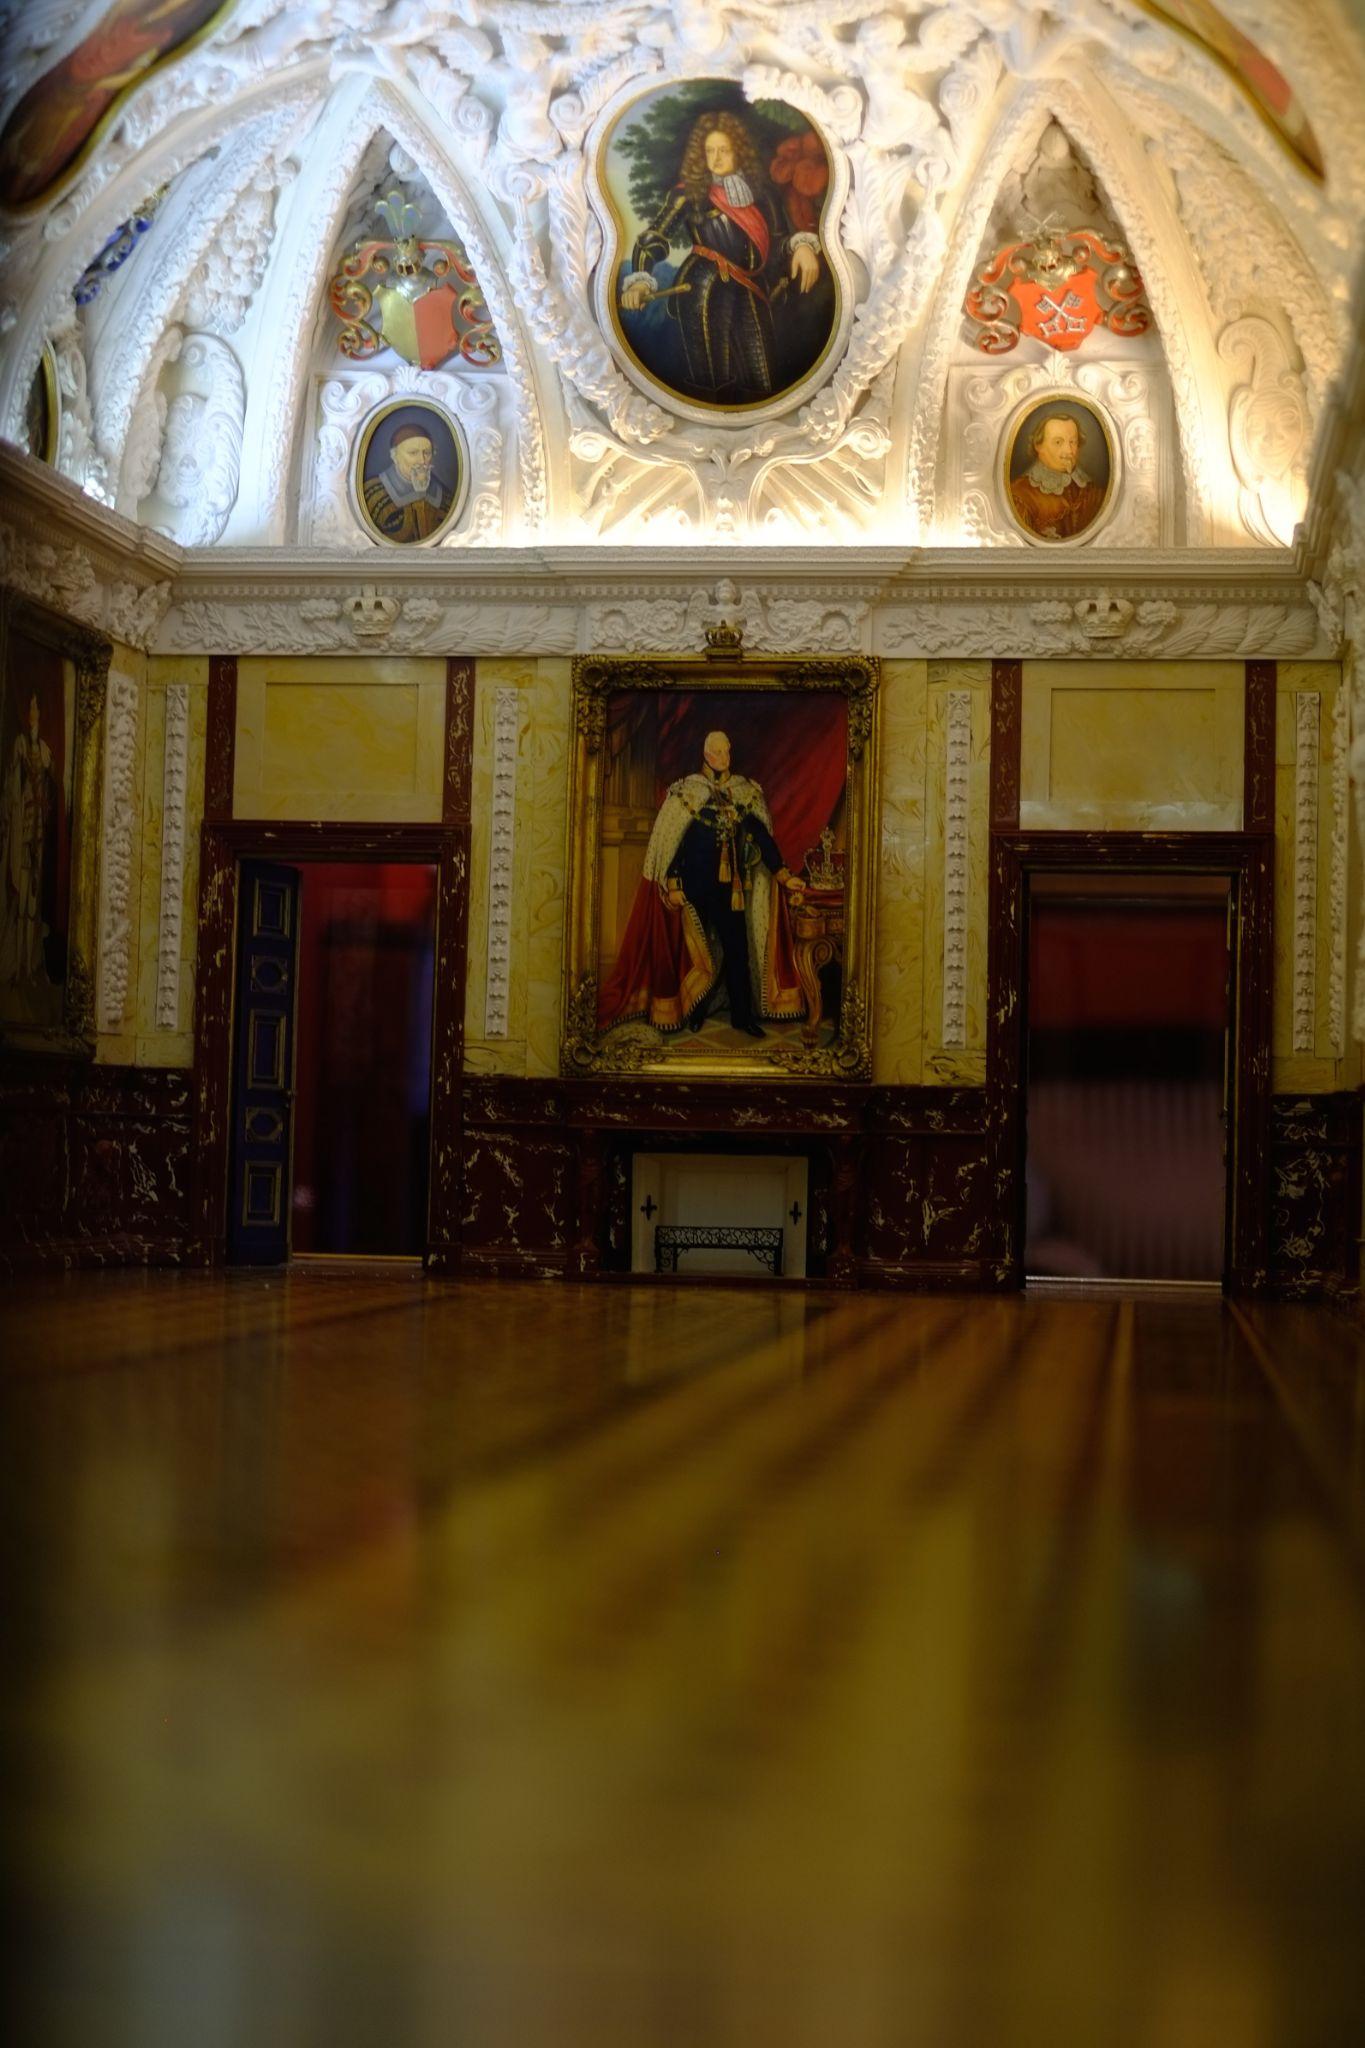 Palast by peterkryzun